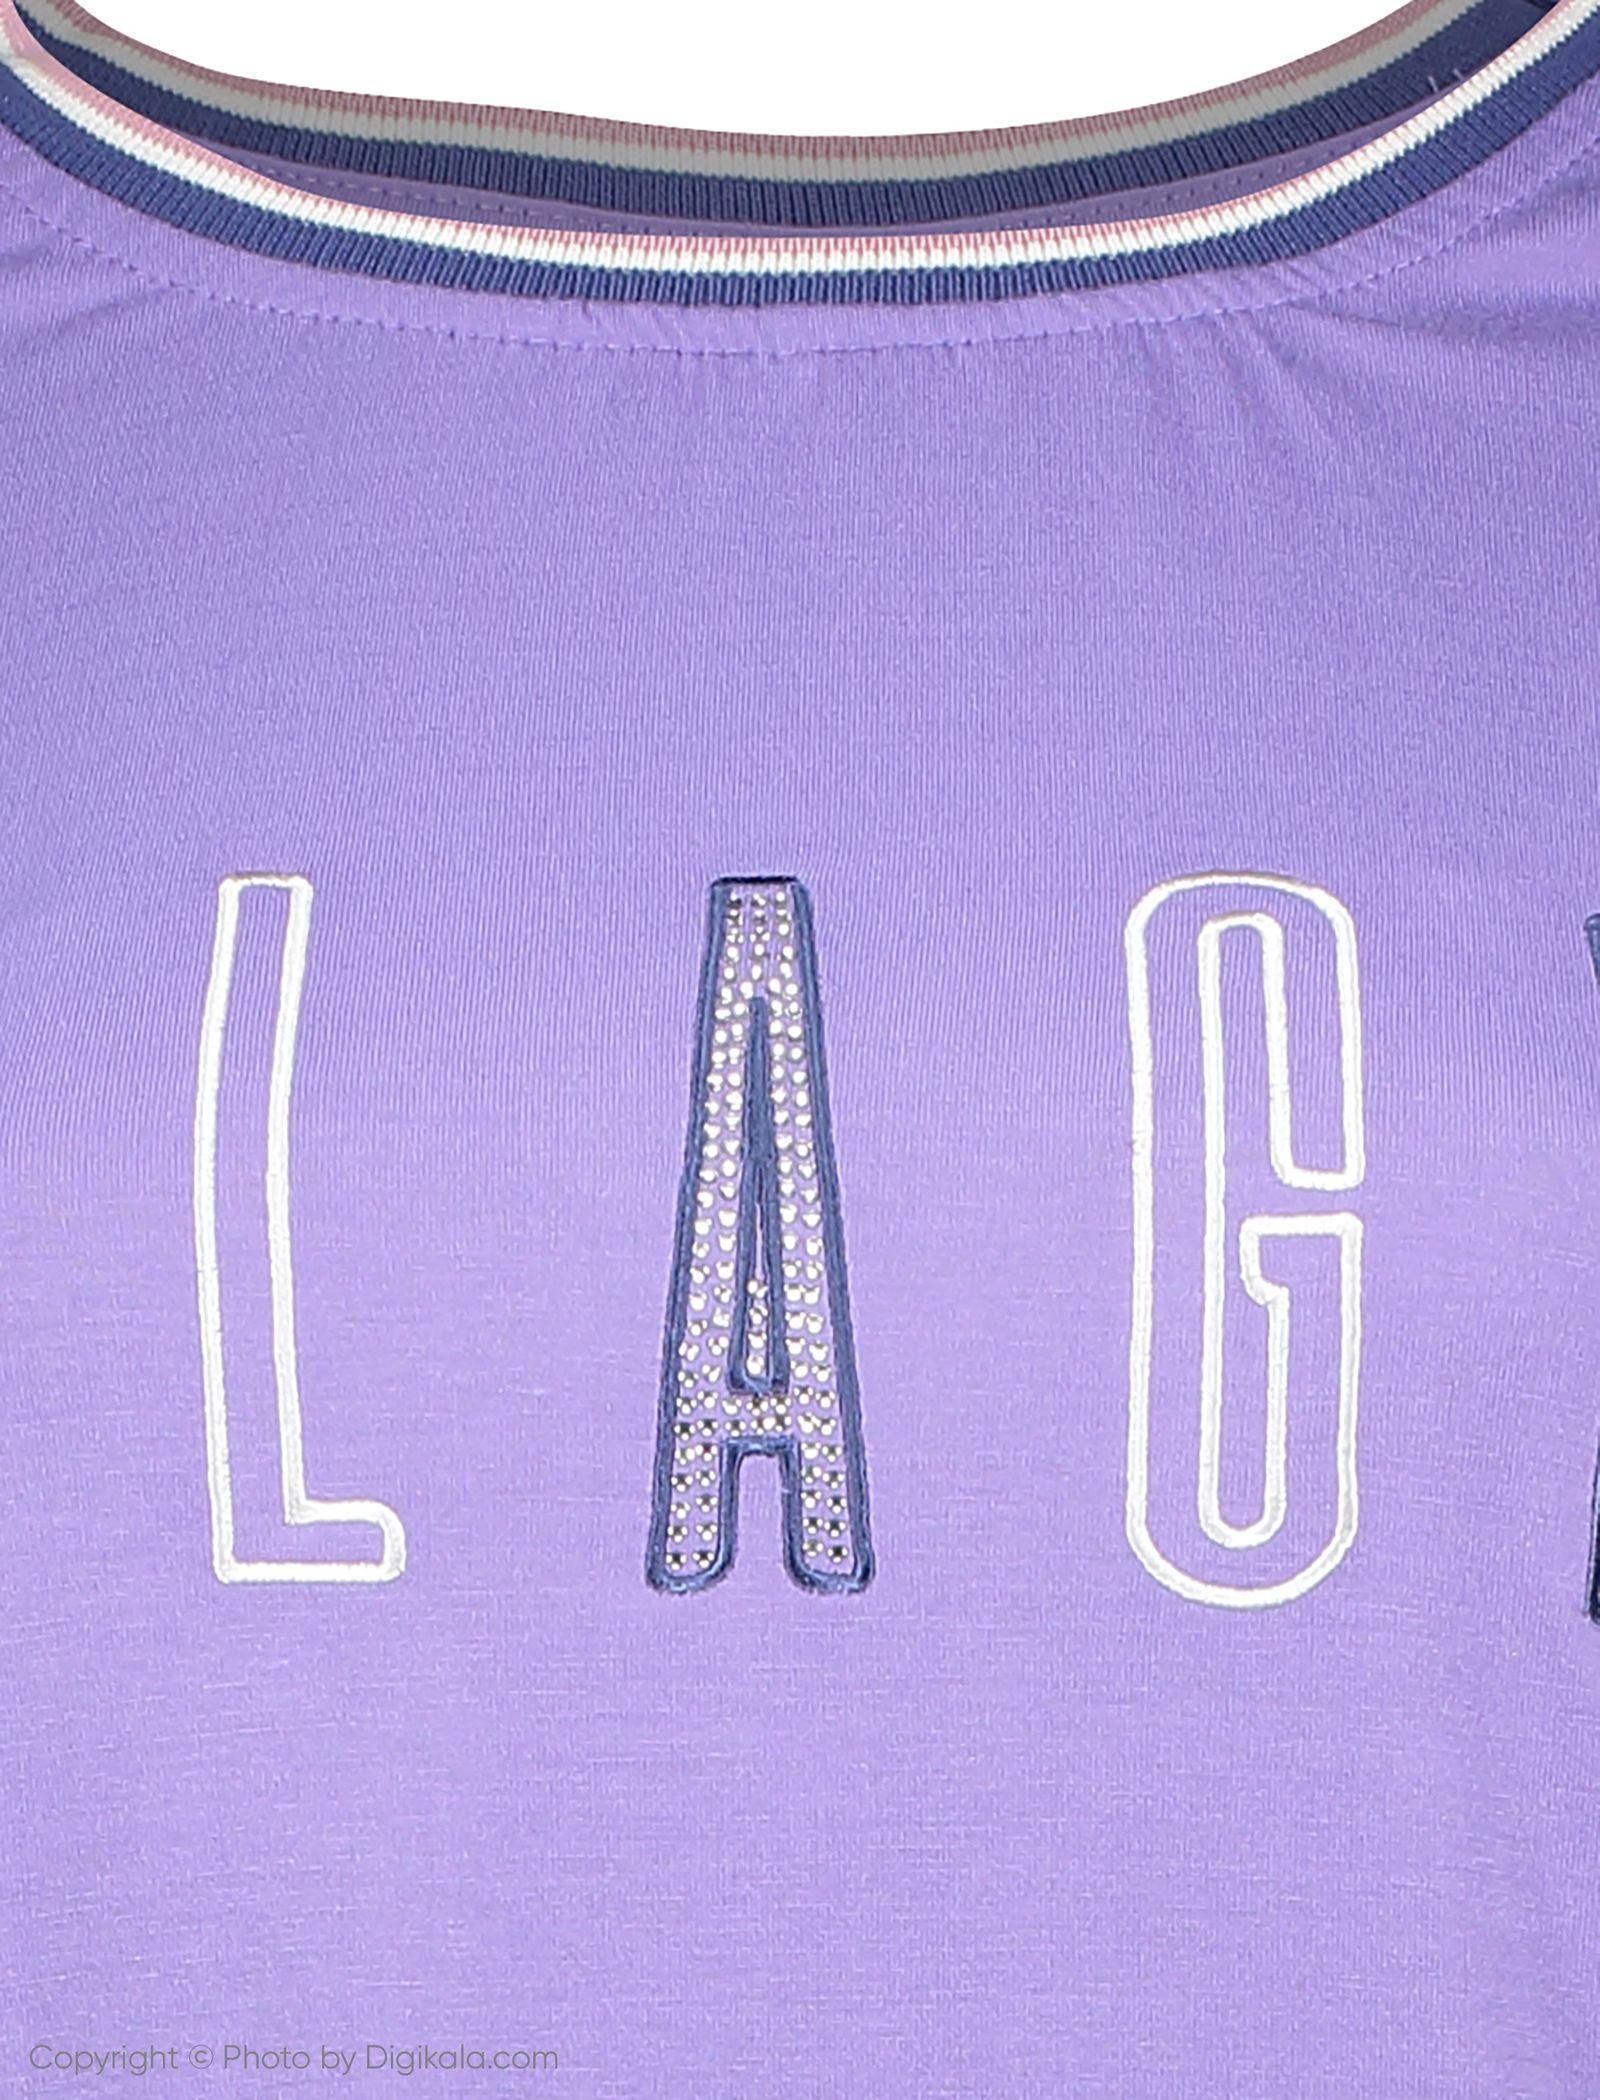 تی شرت زنانه یوپیم مدل 5116383 -  - 4